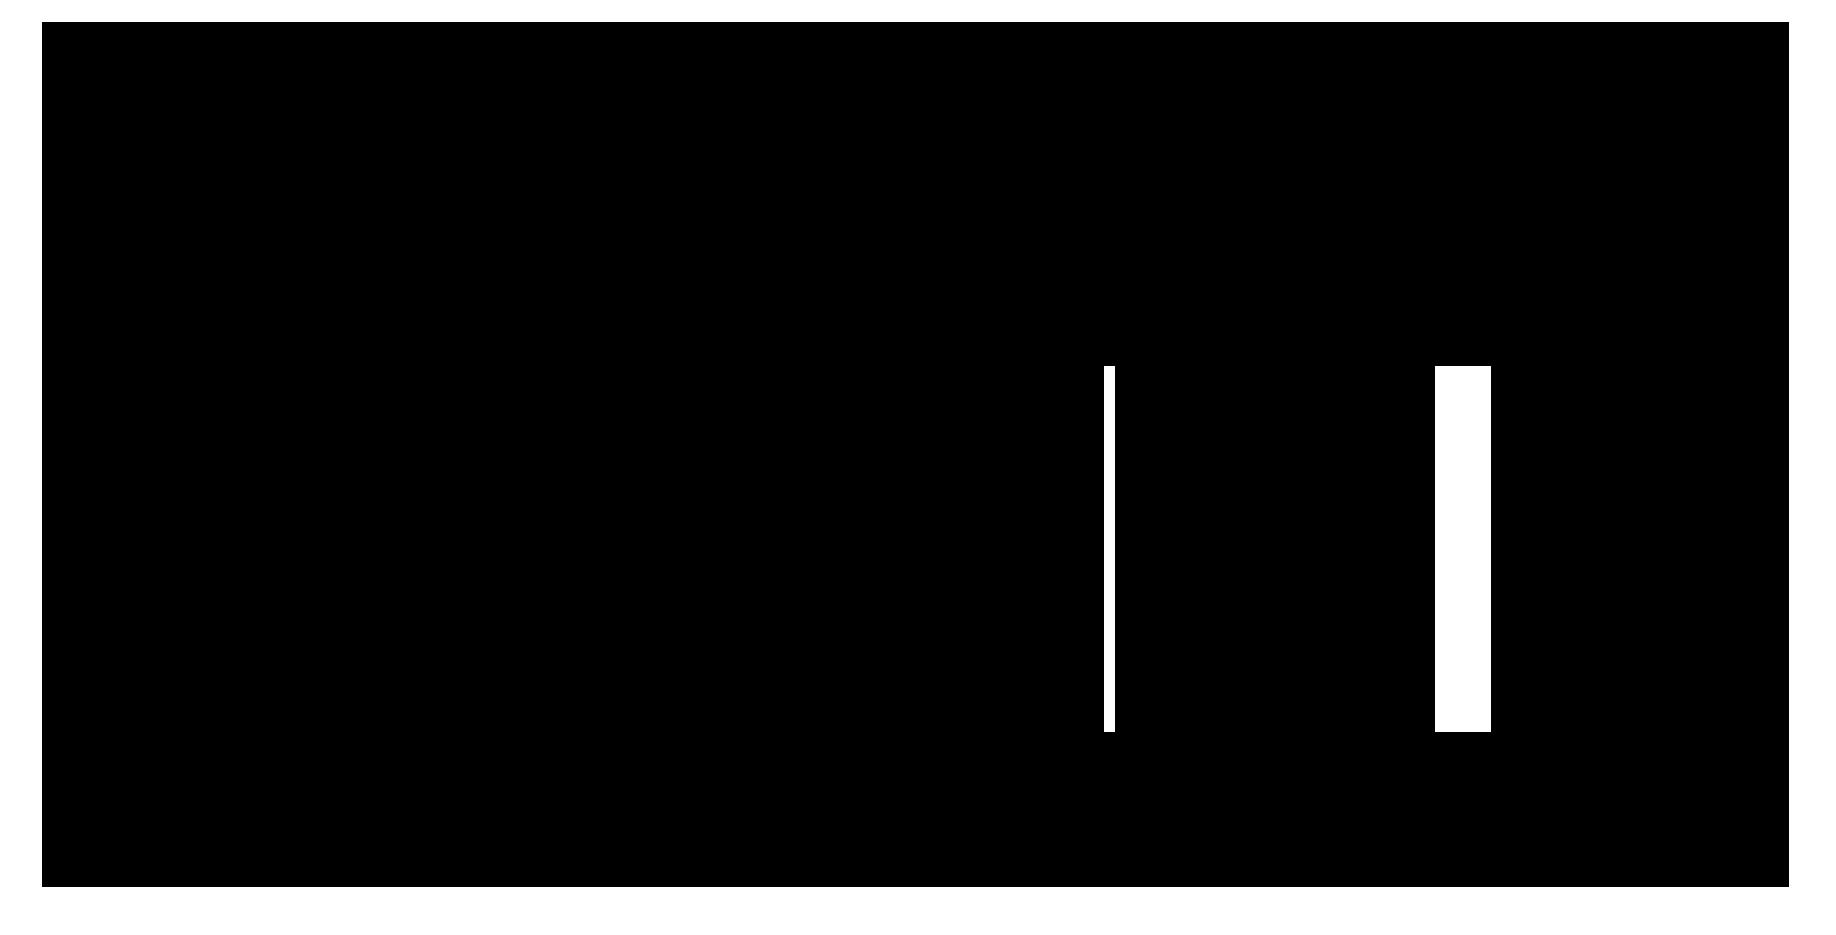 5-COMET-41